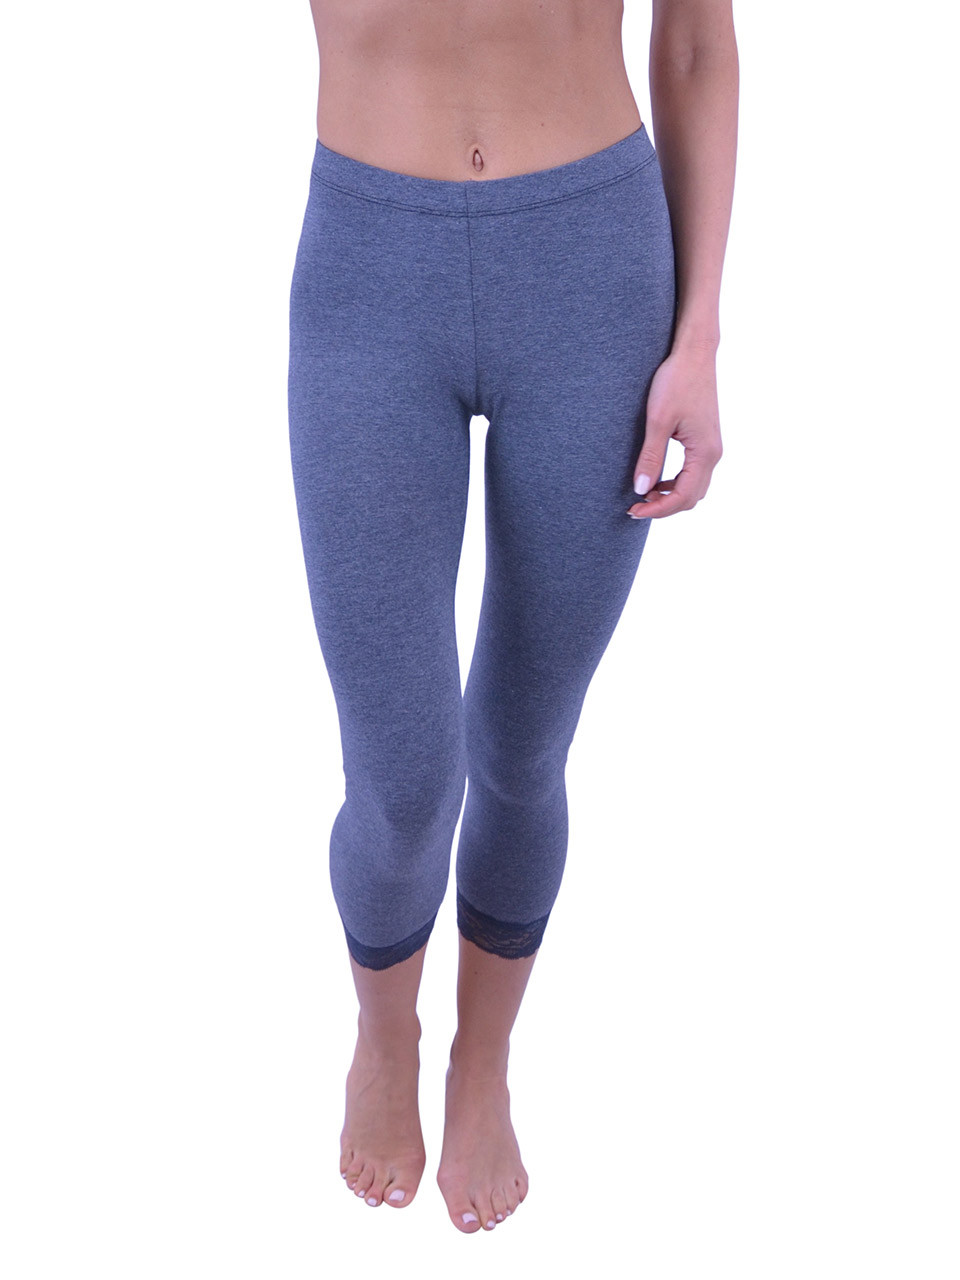 57ac0cf090dc2 Vivian s Fashions Capri Leggings - Cotton